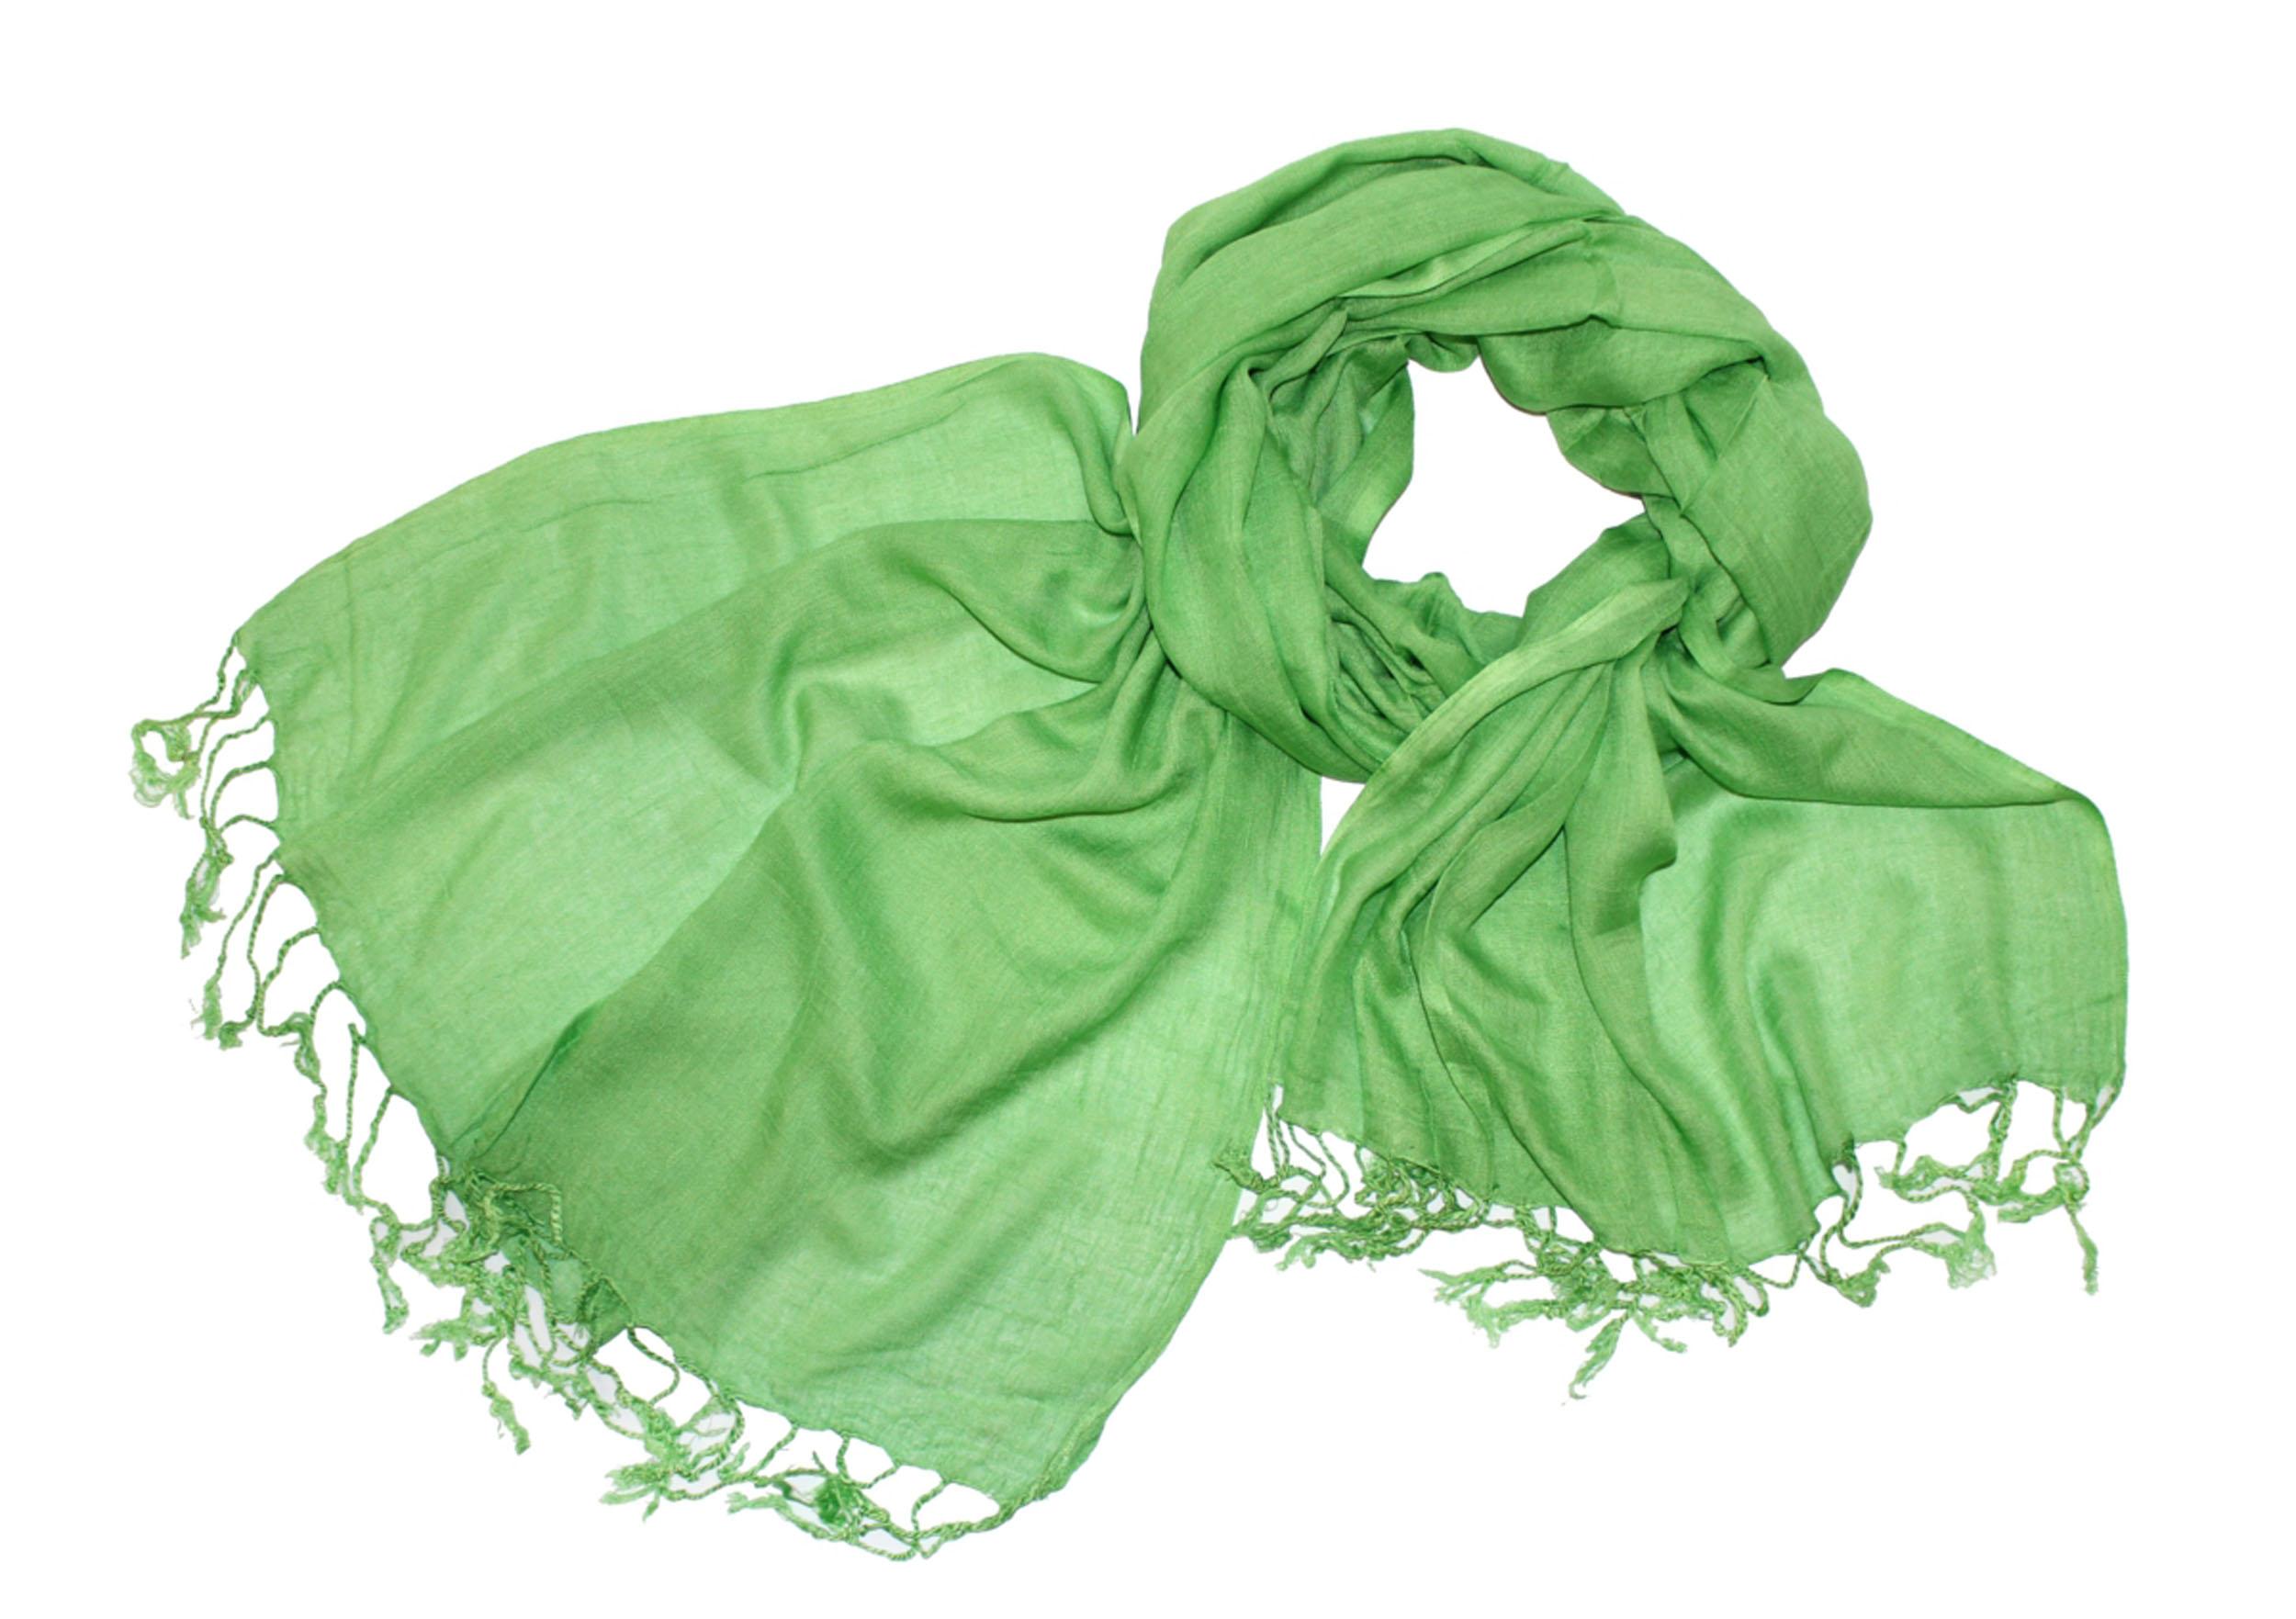 Шарф521060нЖенский шарф Ethnica позволит вам создать неповторимый и запоминающийся образ. Изготовленный из высококачественного материала с использованием натуральных красителей, он очень мягкий, имеет приятную на ощупь текстуру. Однотонная модель по краям оформлена небольшими кисточками, скрученными в жгутики. Такой аксессуар станет стильным дополнением к гардеробу современной женщины, стремящейся всегда оставаться яркой и элегантной.